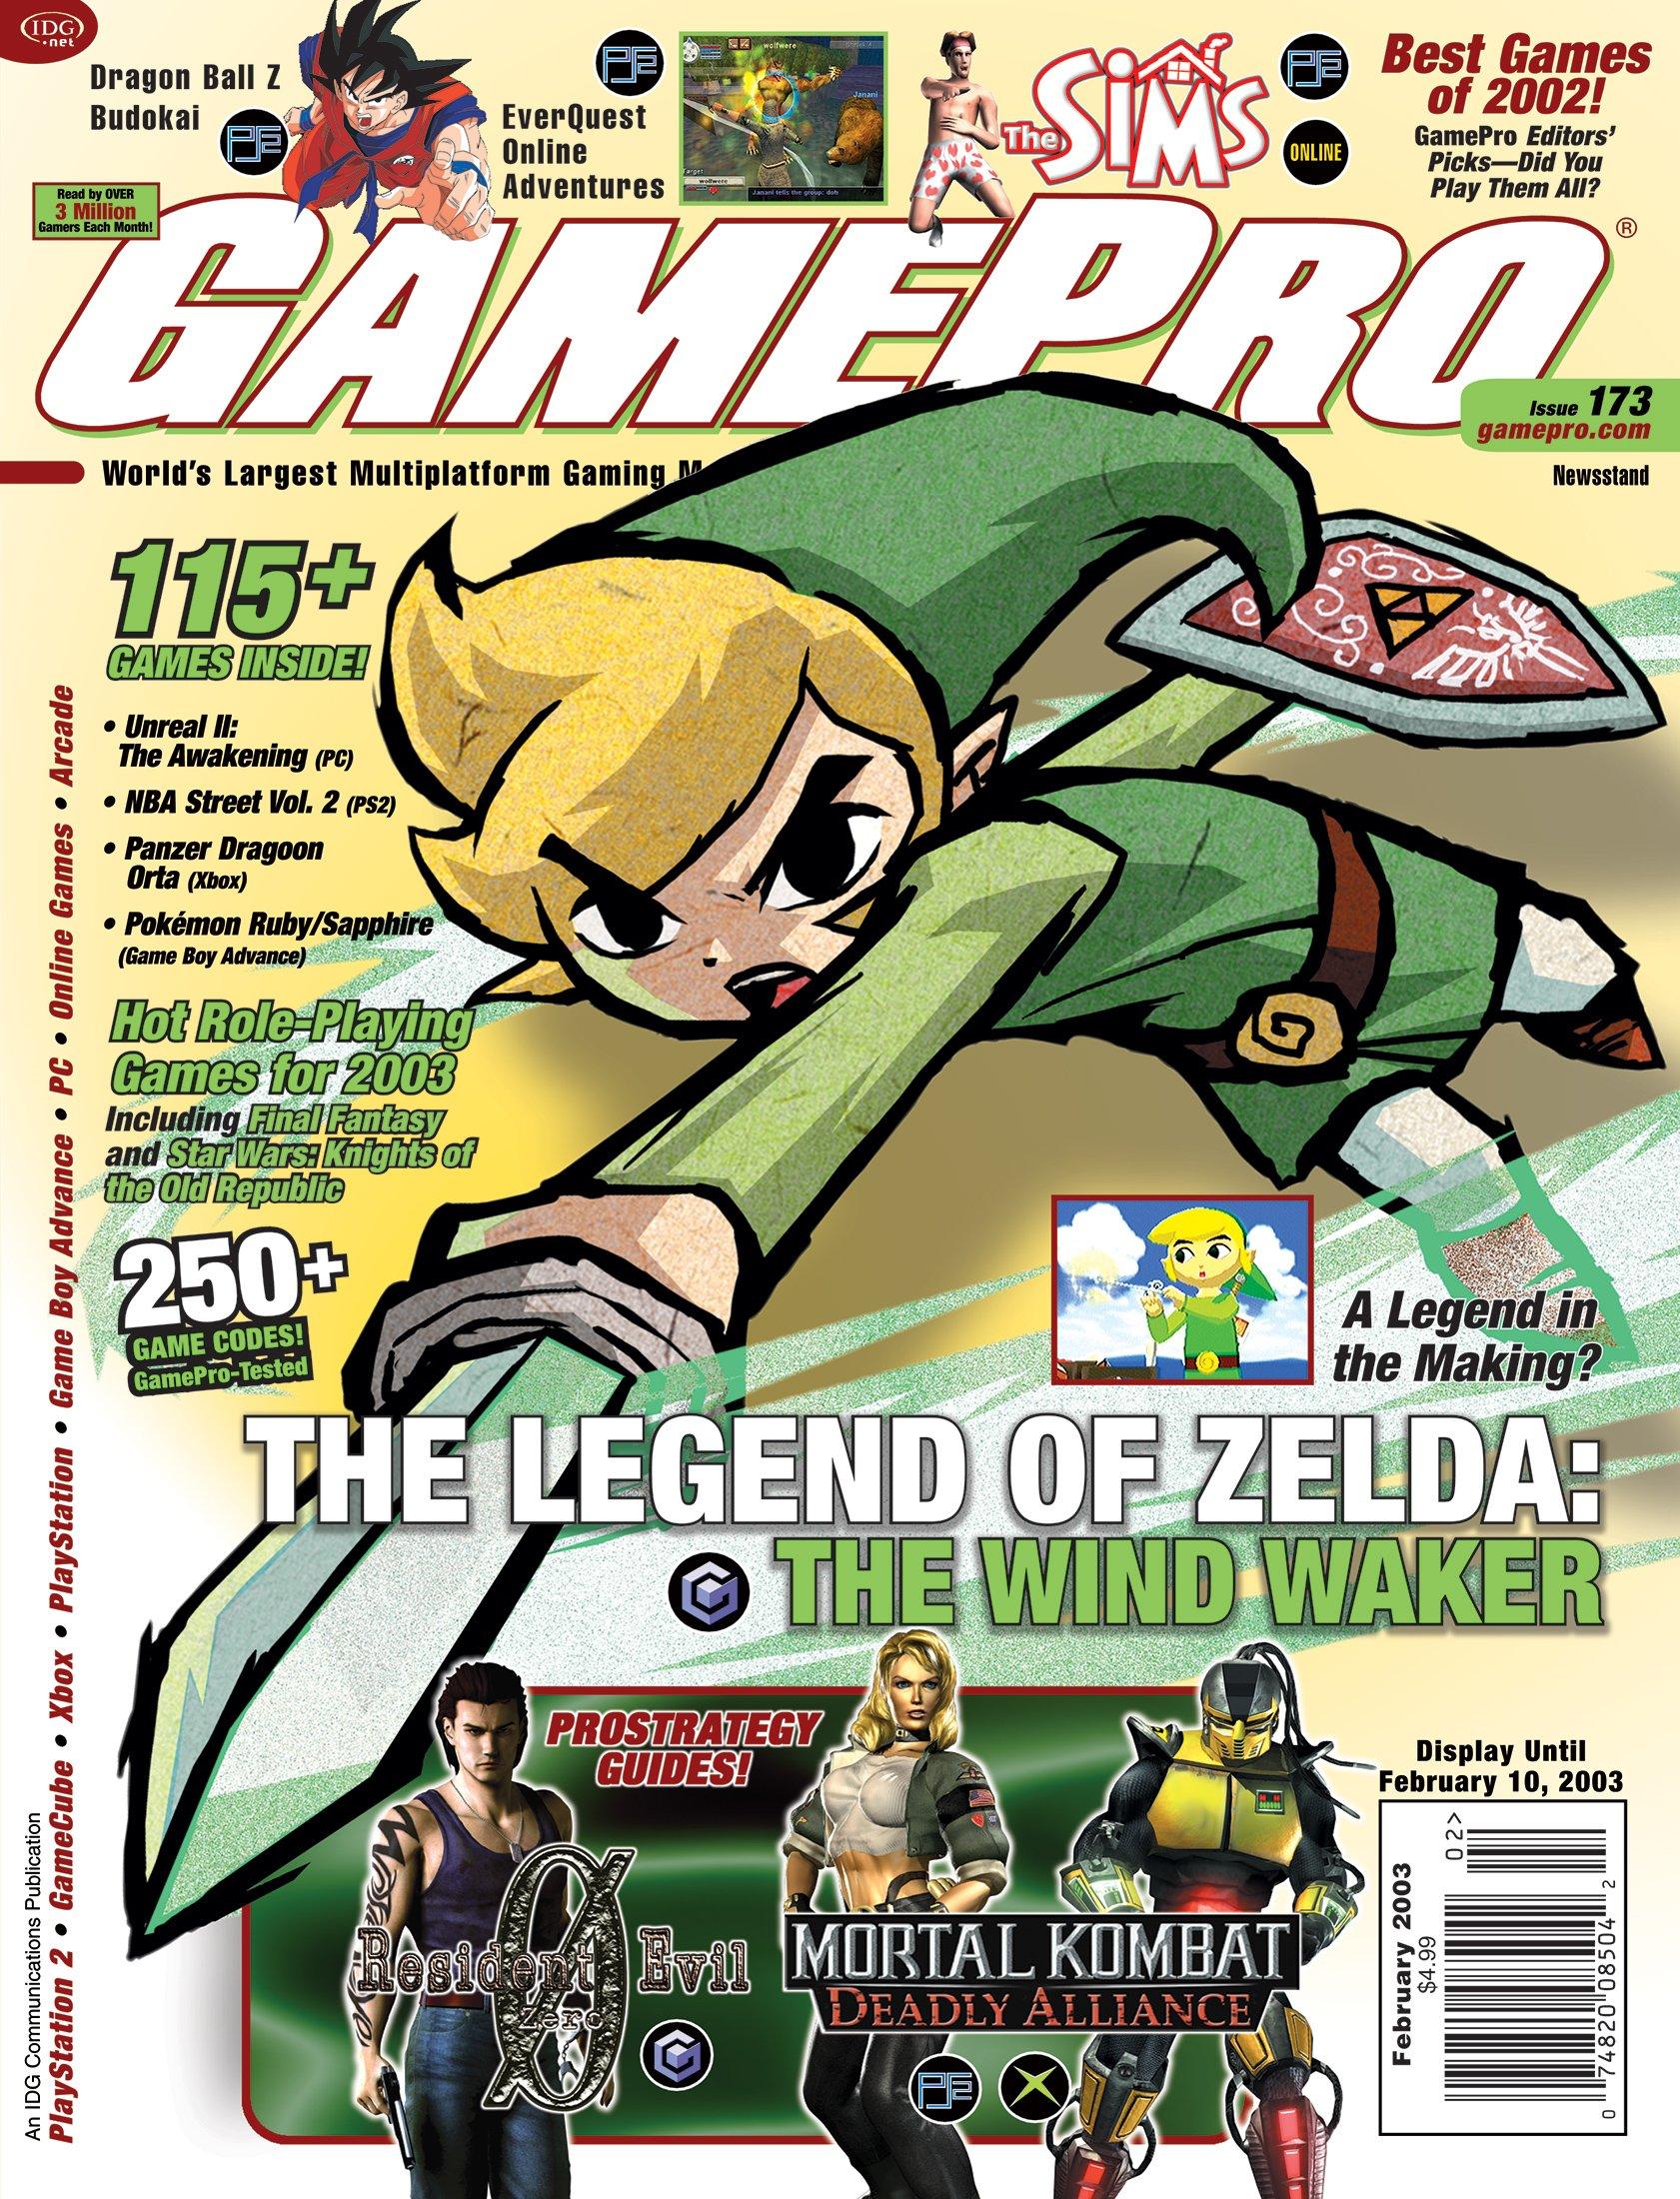 GamePro Issue 173 (February 2003)